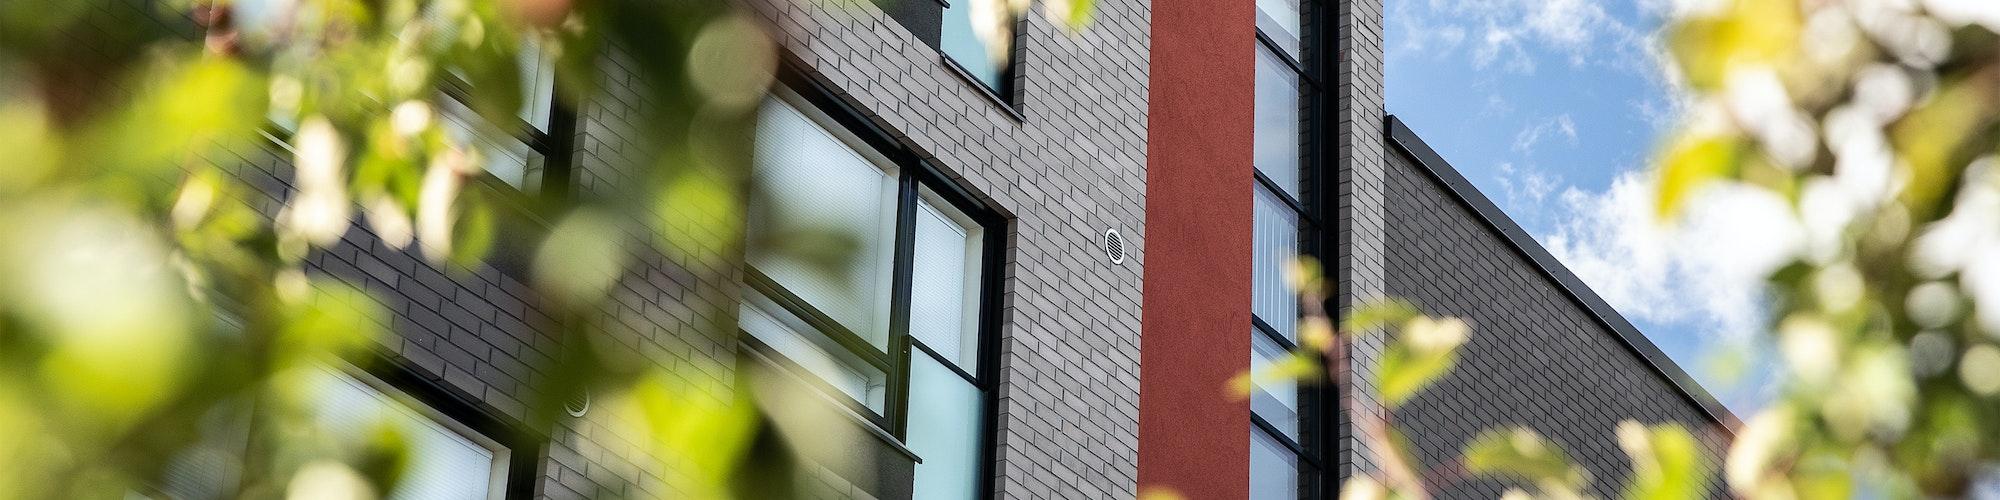 Vuokra-asunnon ikkuna puiden takana